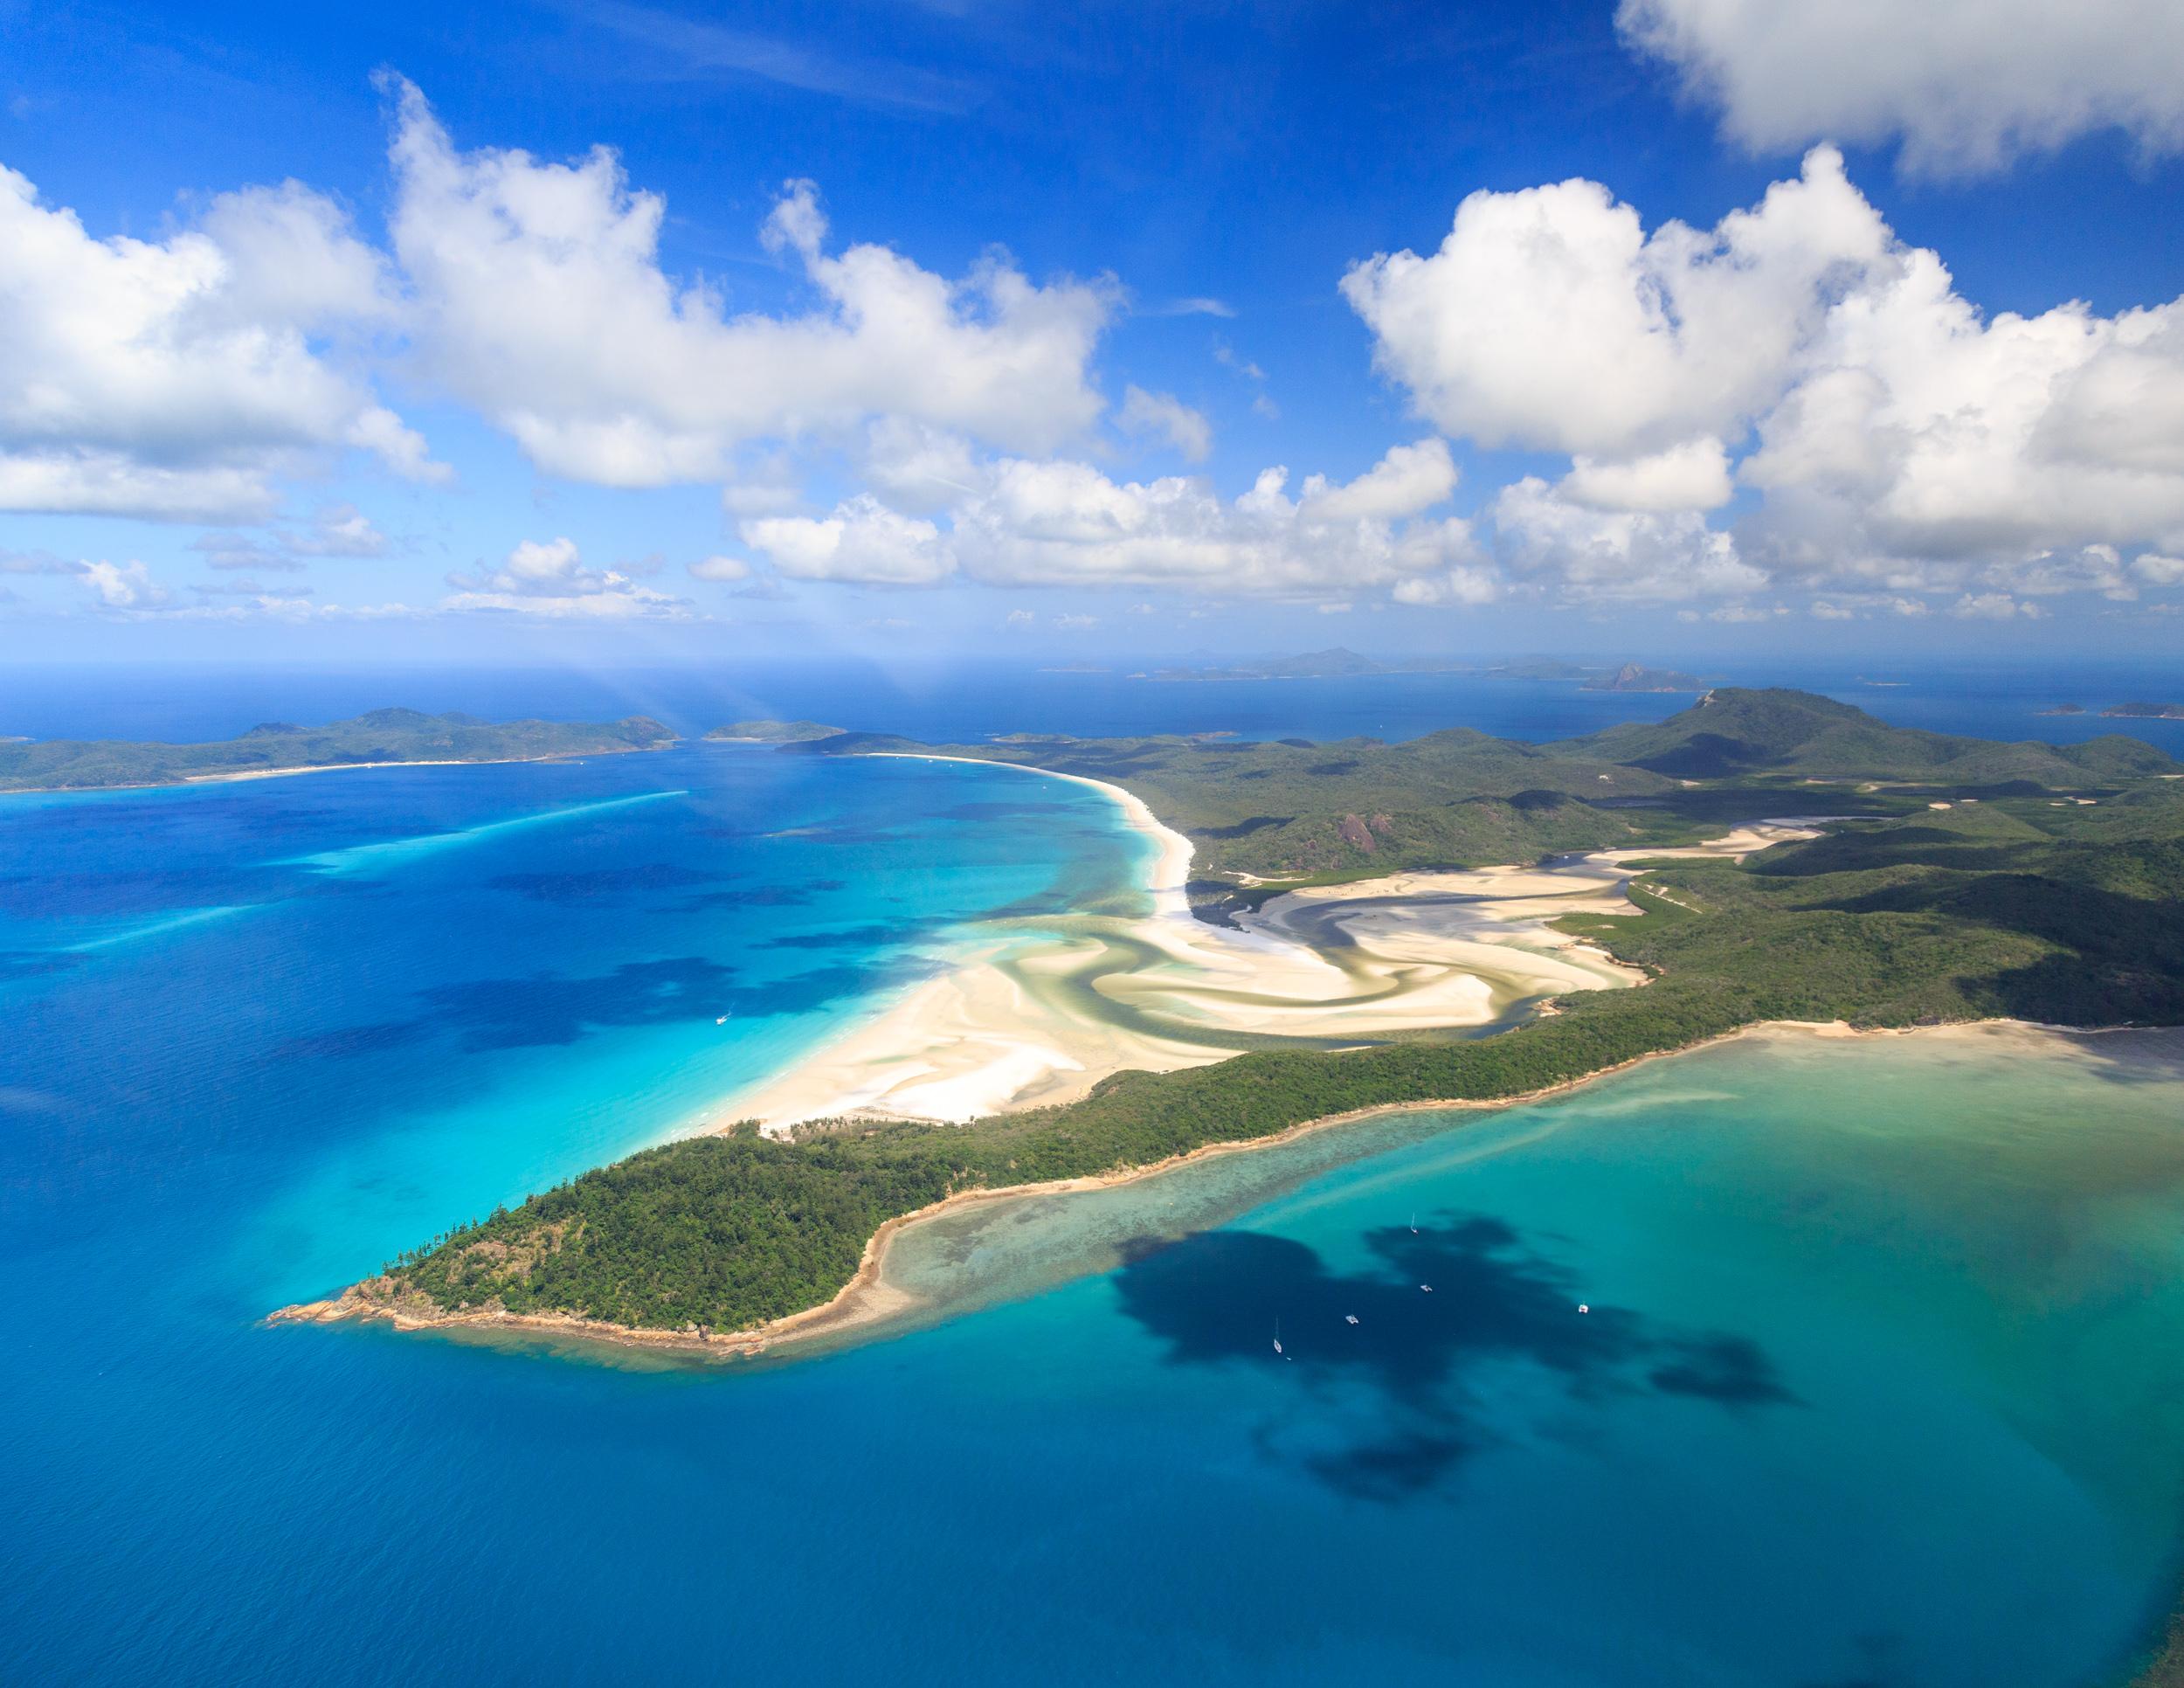 3 week itinerary of Australia: The Whitsundays